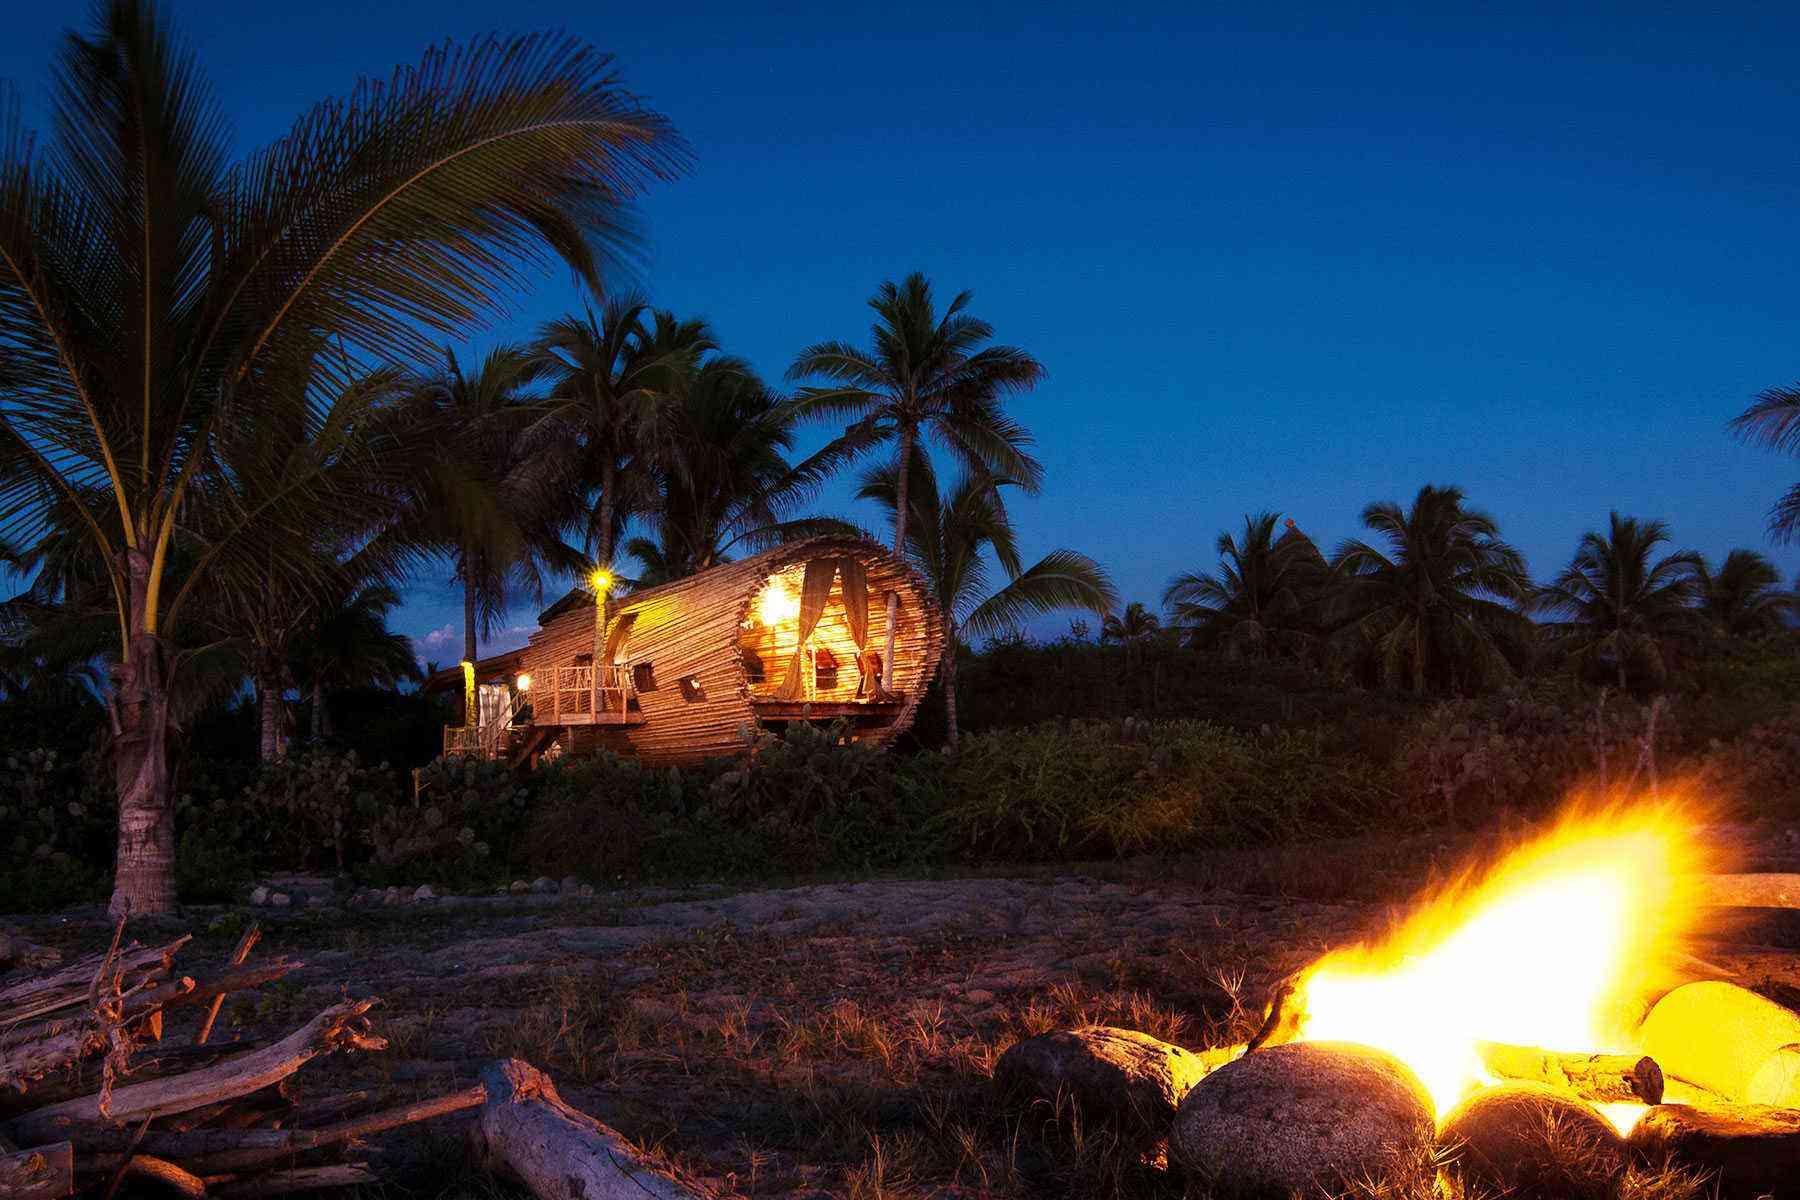 Unusual-Treehouses-Playa-Vida-2